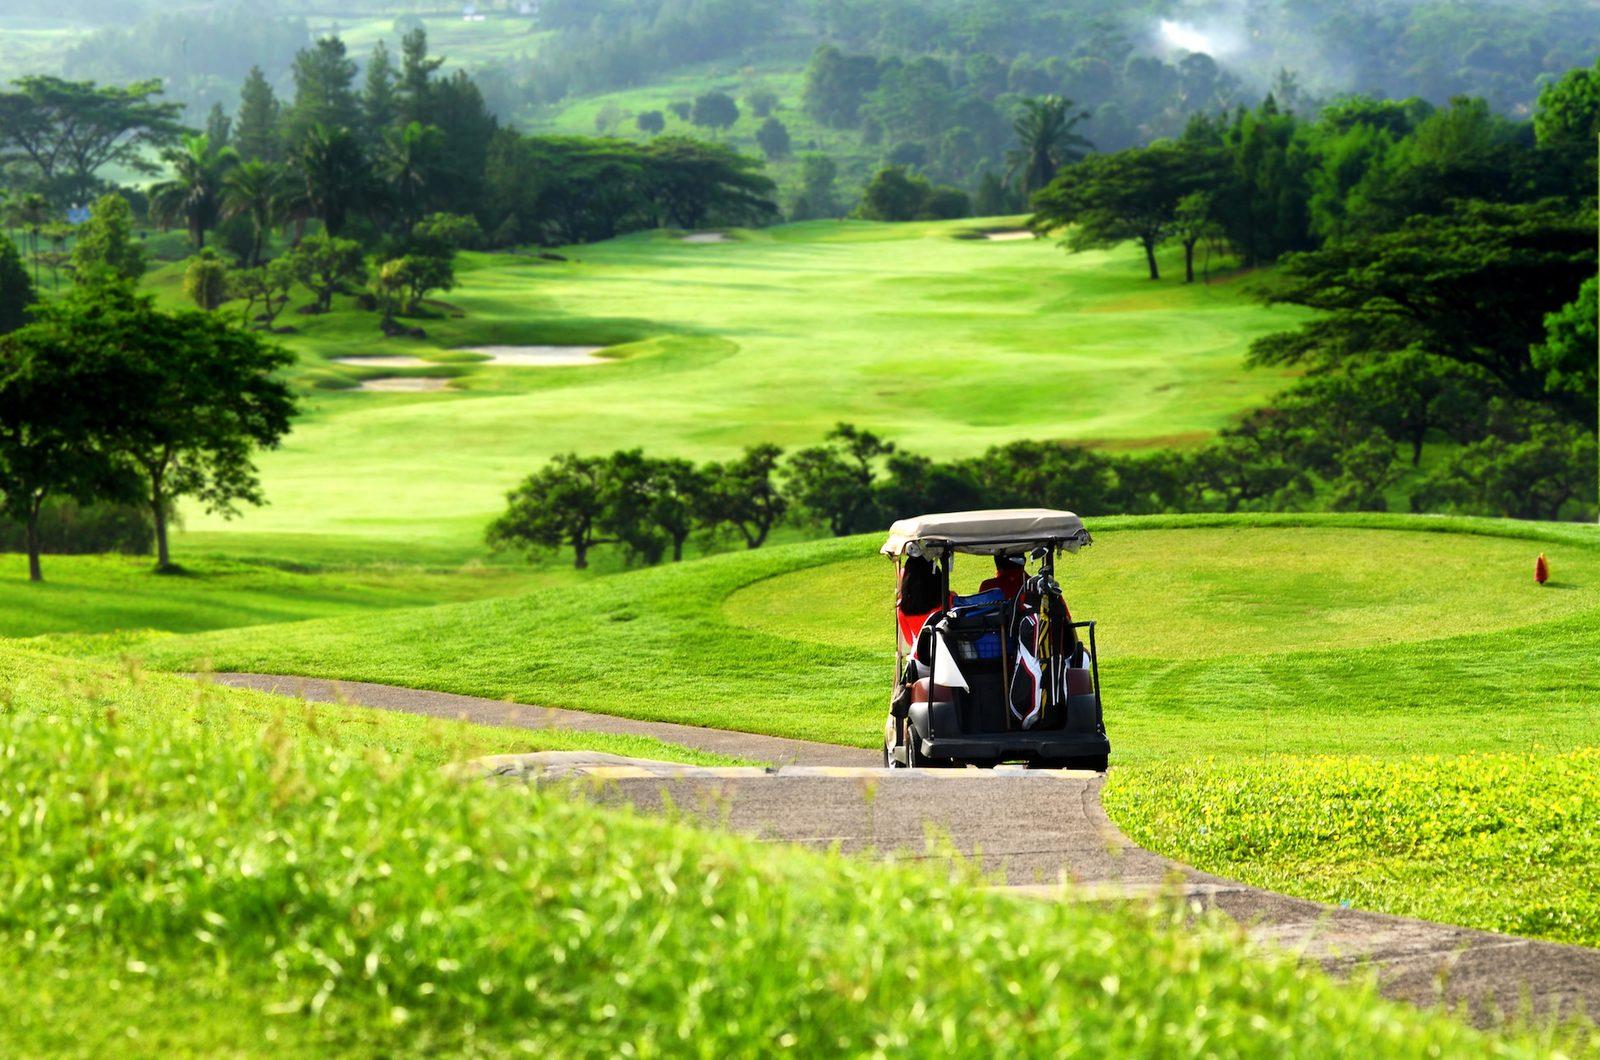 Von Ihrem Apartment im Resort Walensee, Region Heidiland in der Schweiz, erreichen Sie den berühmten Golfplatz des Golfclub Bad Ragaz innerhalb von 20 Minuten.